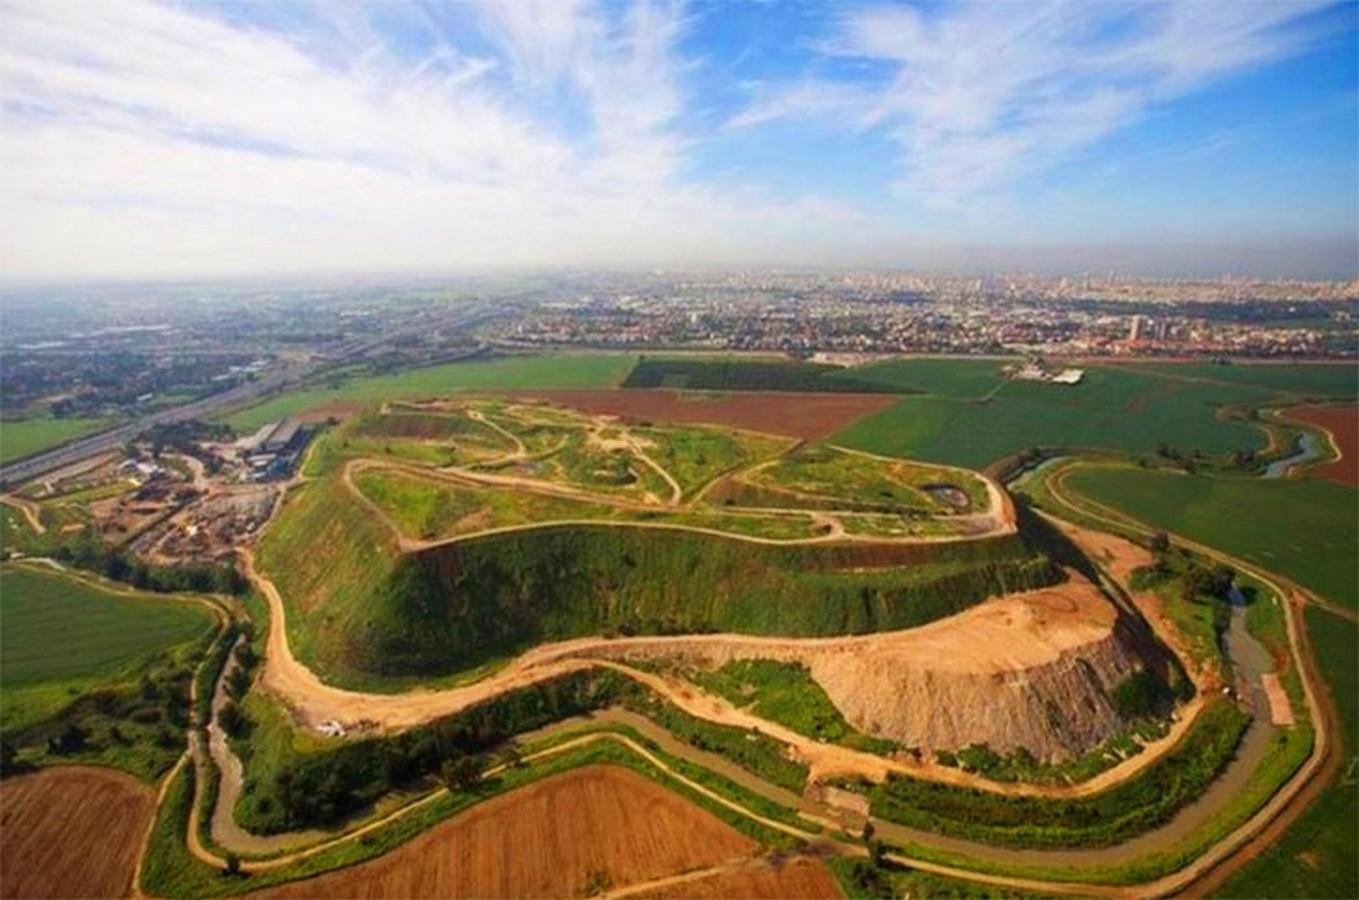 Ariel Sharon Park in Tel Aviv - Sheet1